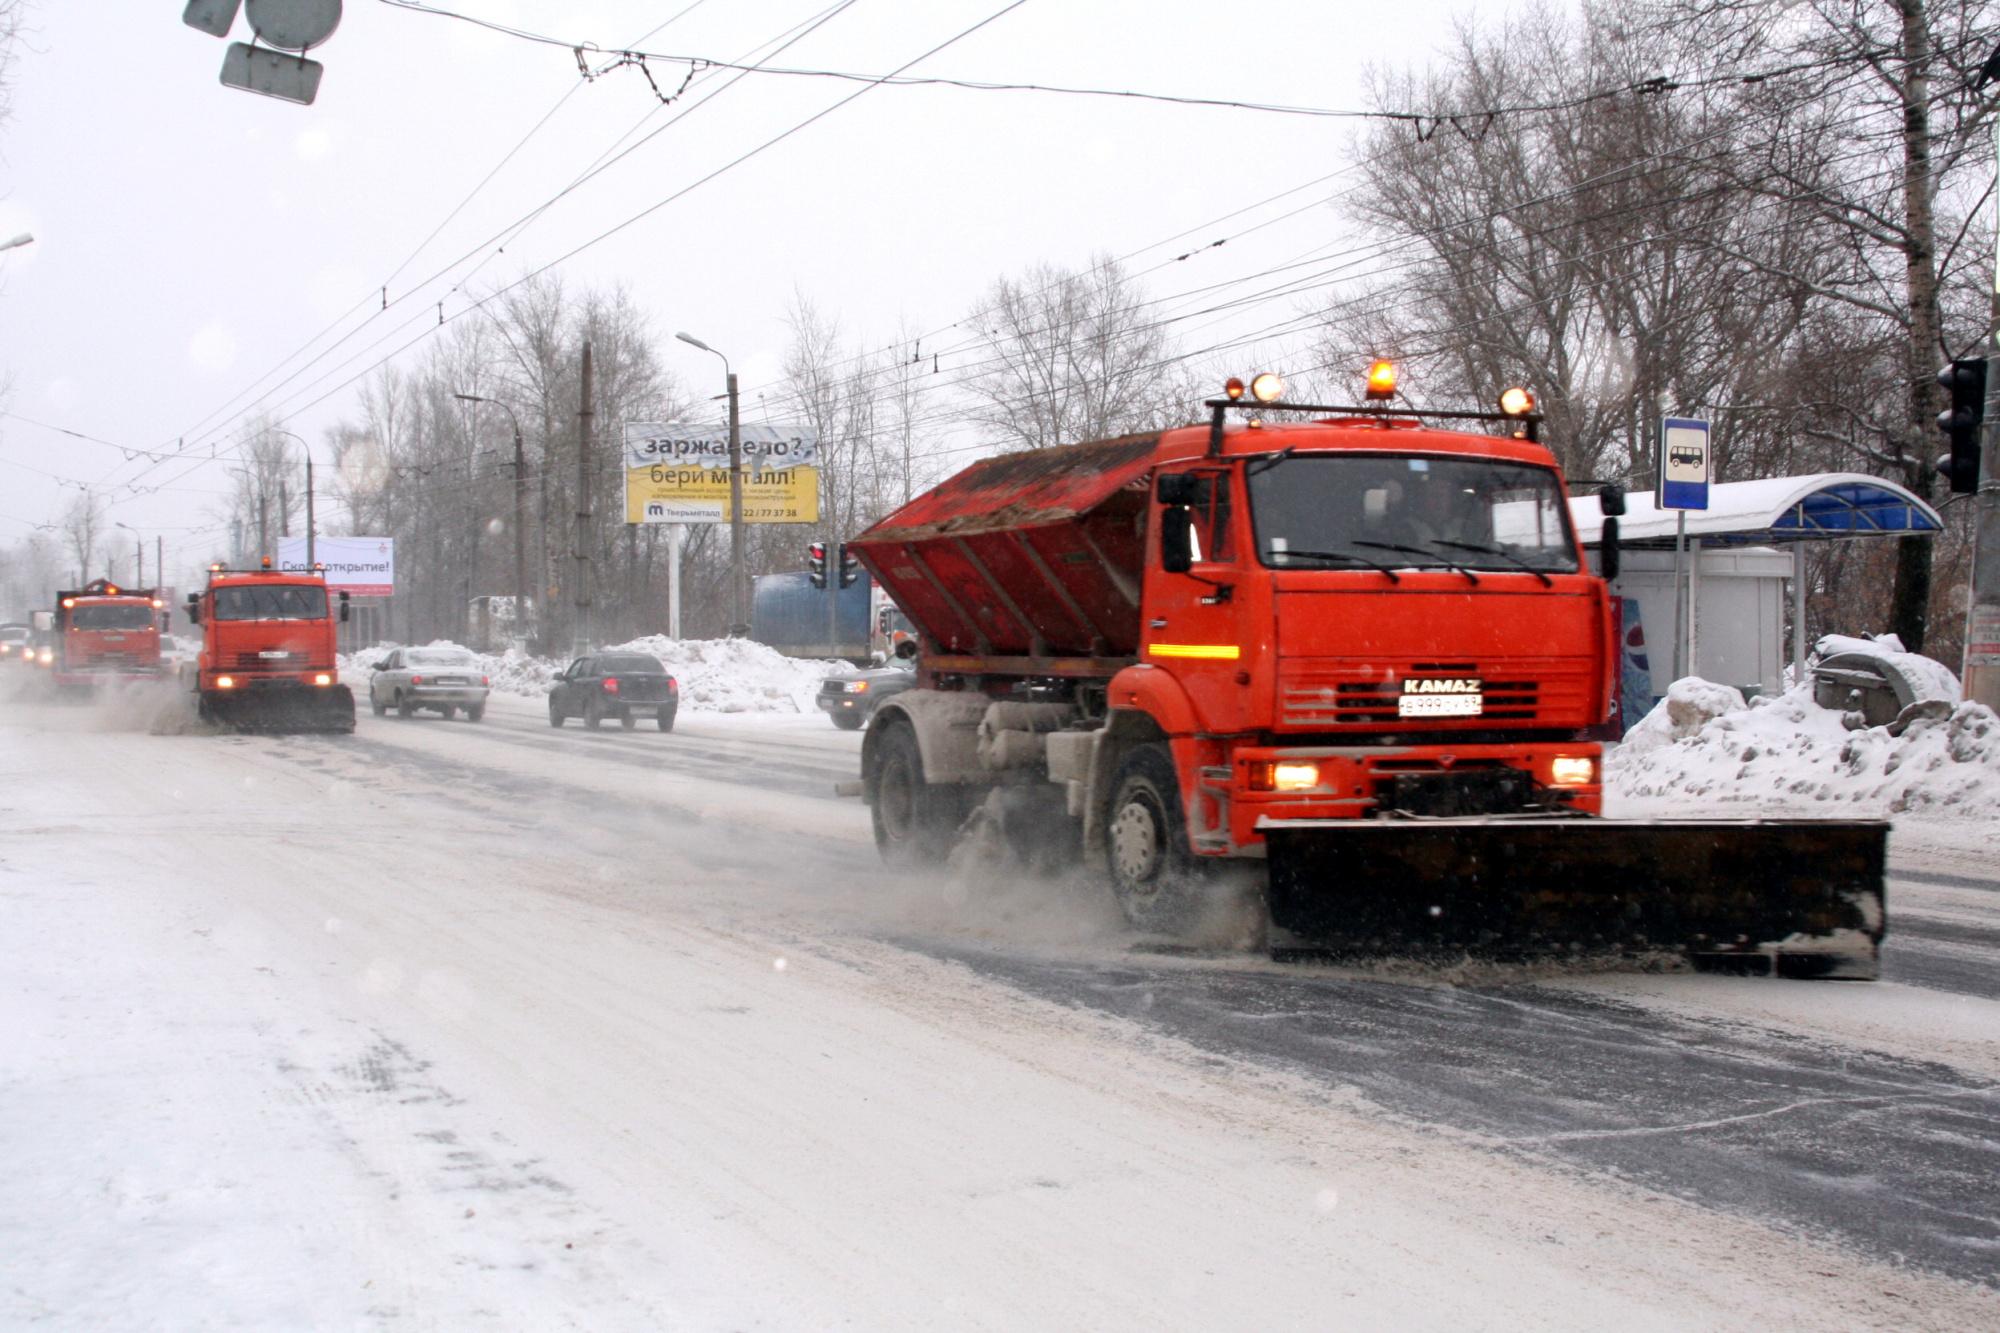 Из-за аномальных морозов все службы Бологовского района перевели на усиленный режим работы